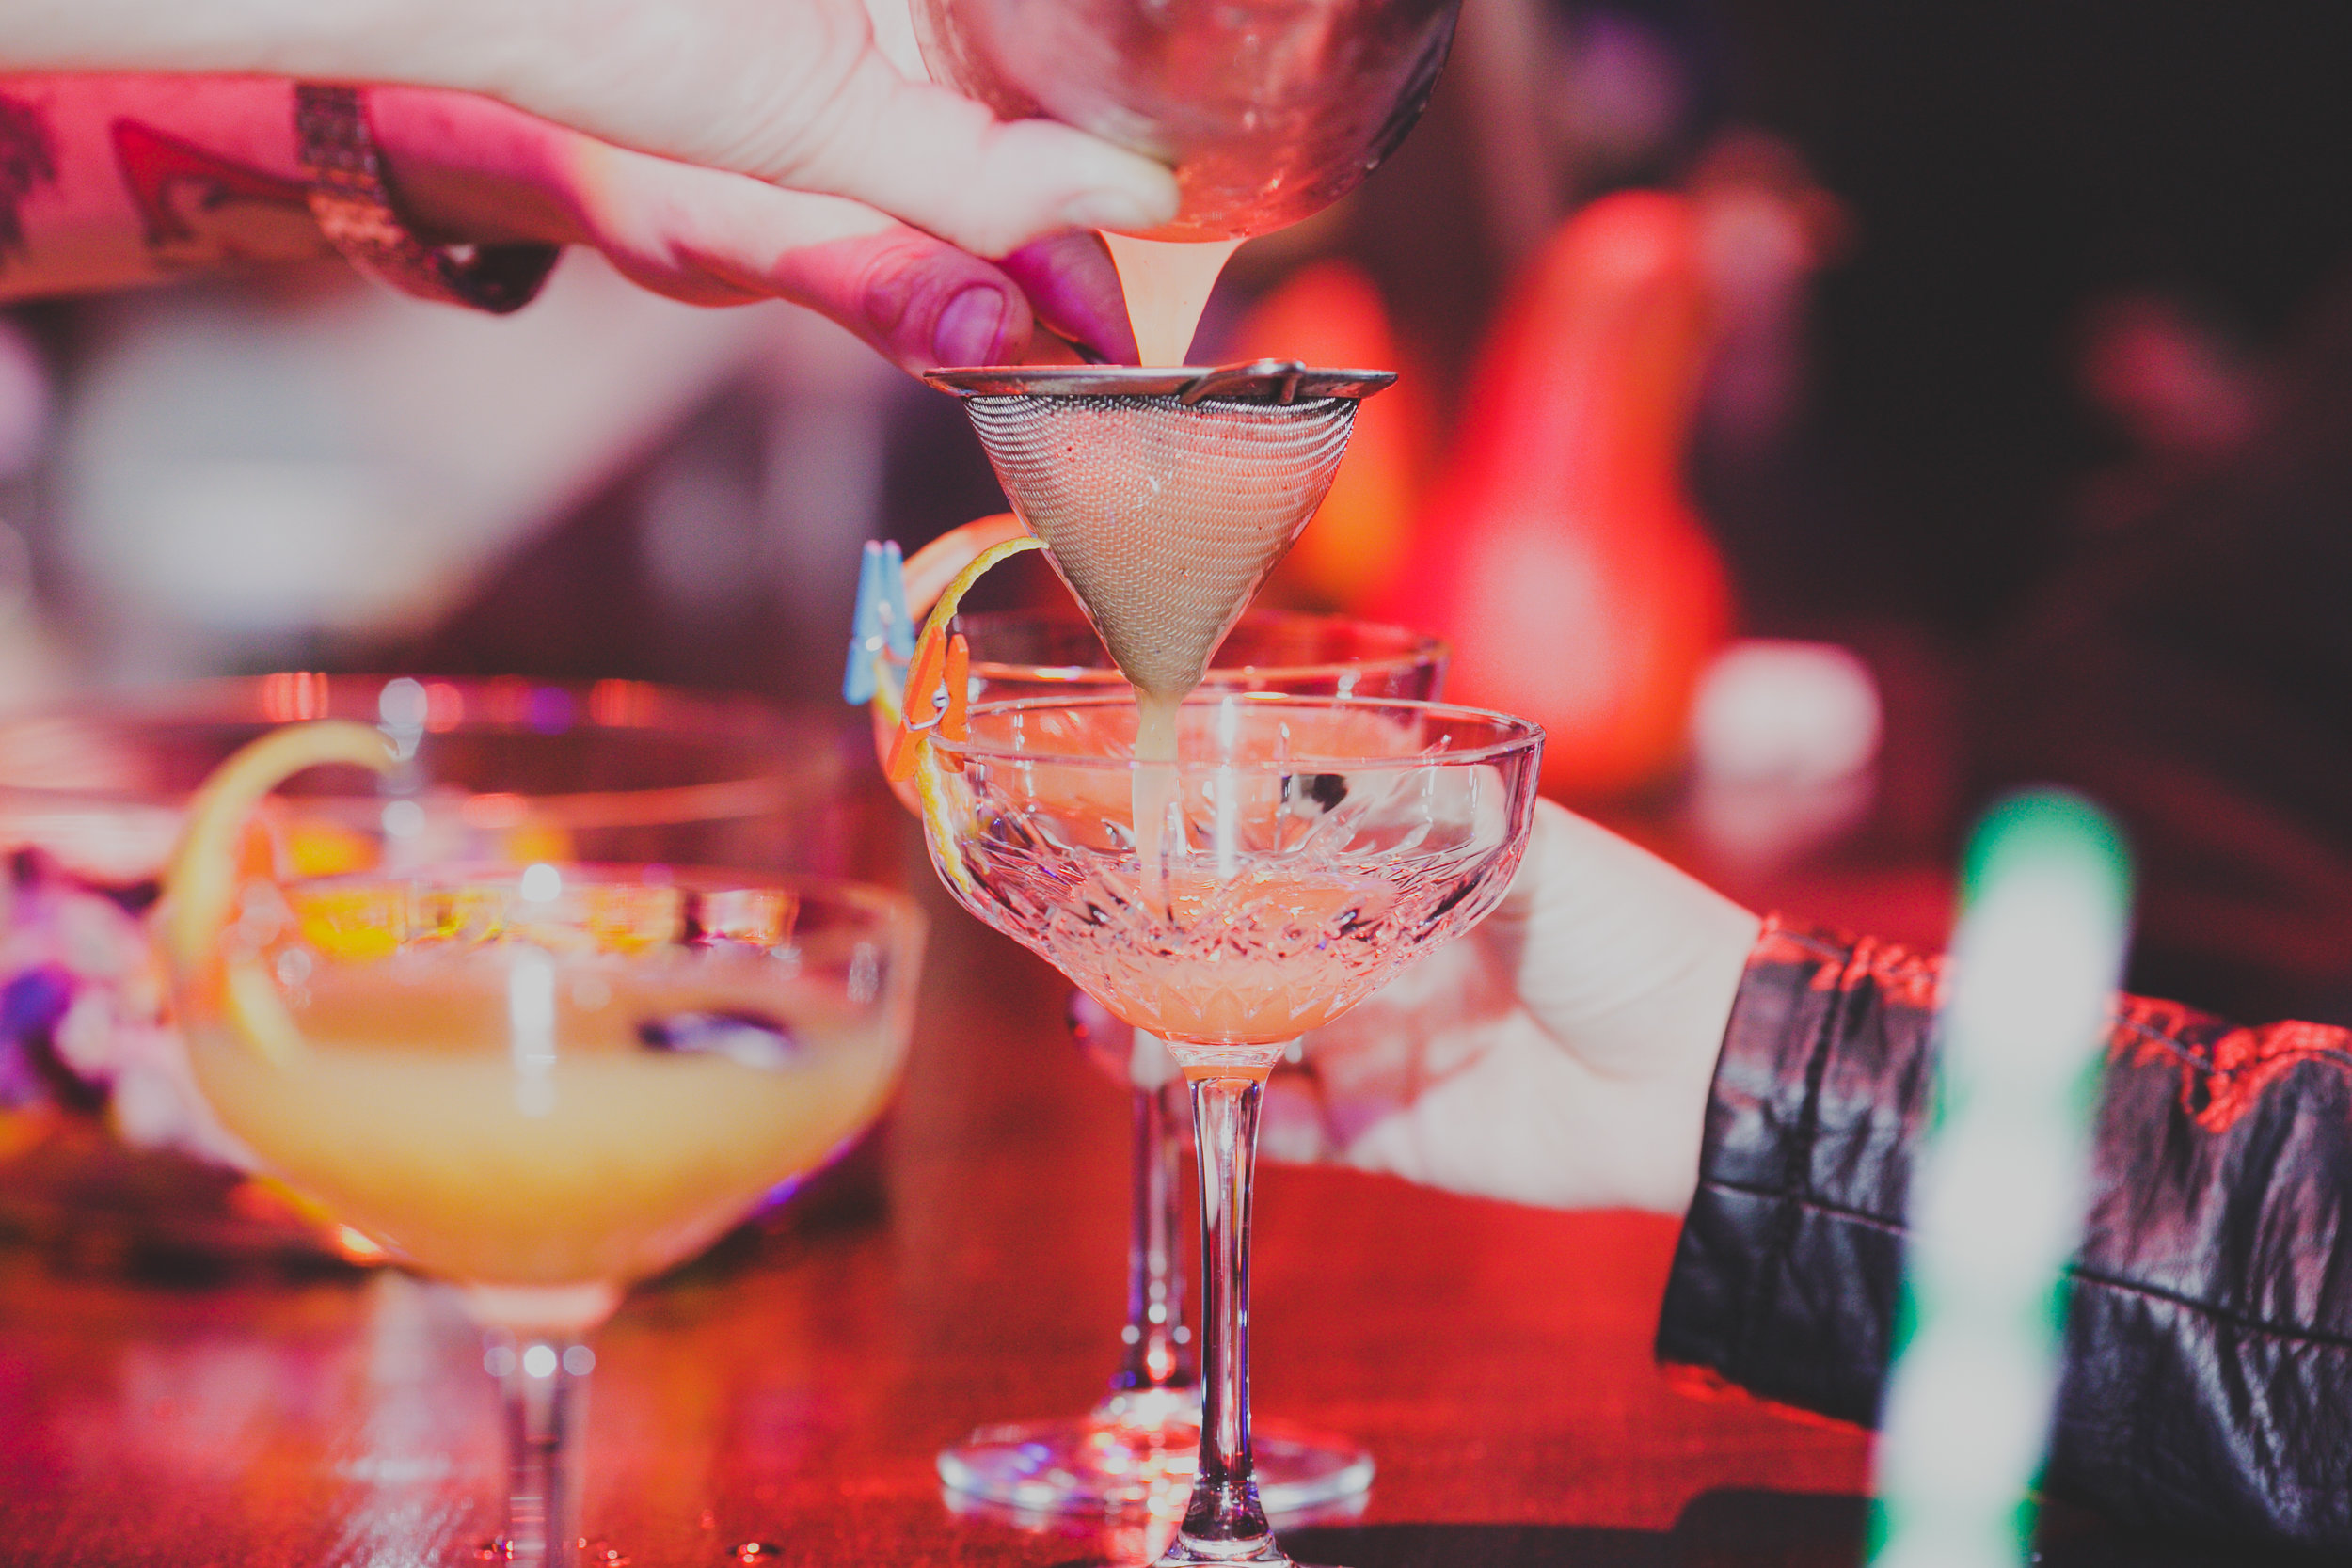 DuckFace Events Cocktail Bar Weddings Israel